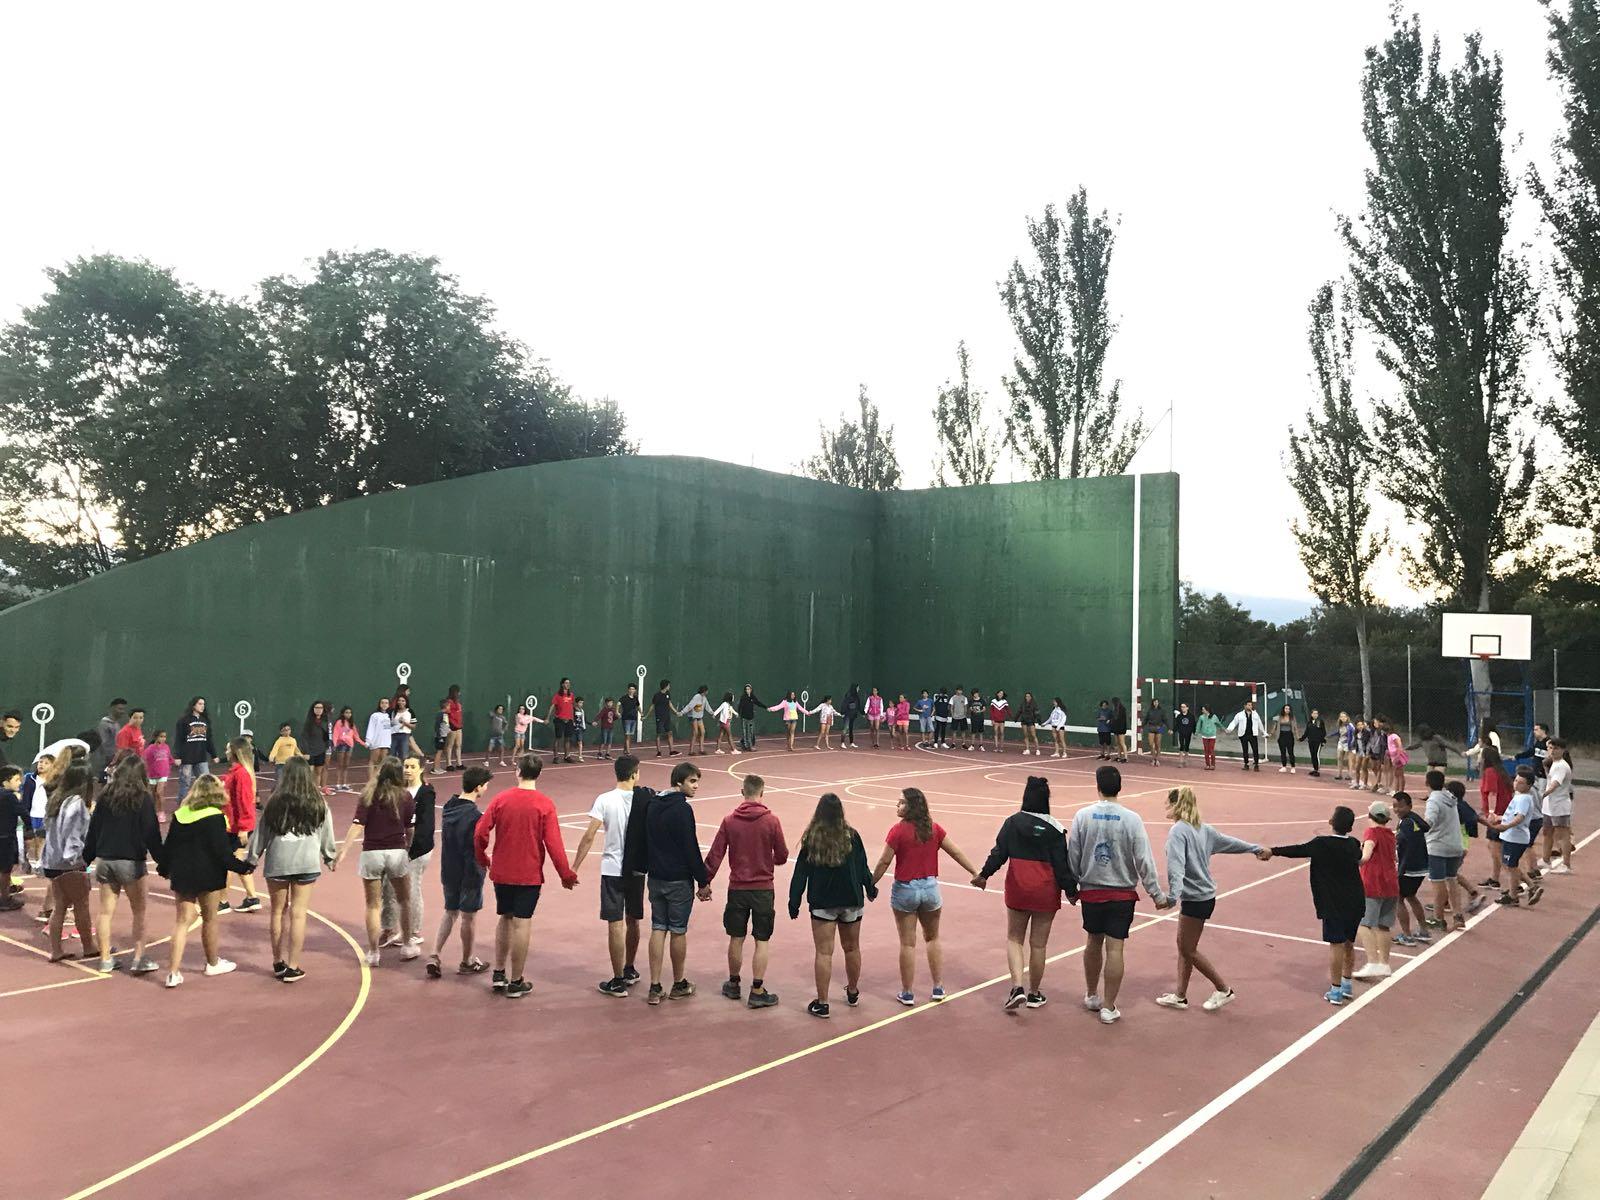 Deportes campamento de verano en Madrid